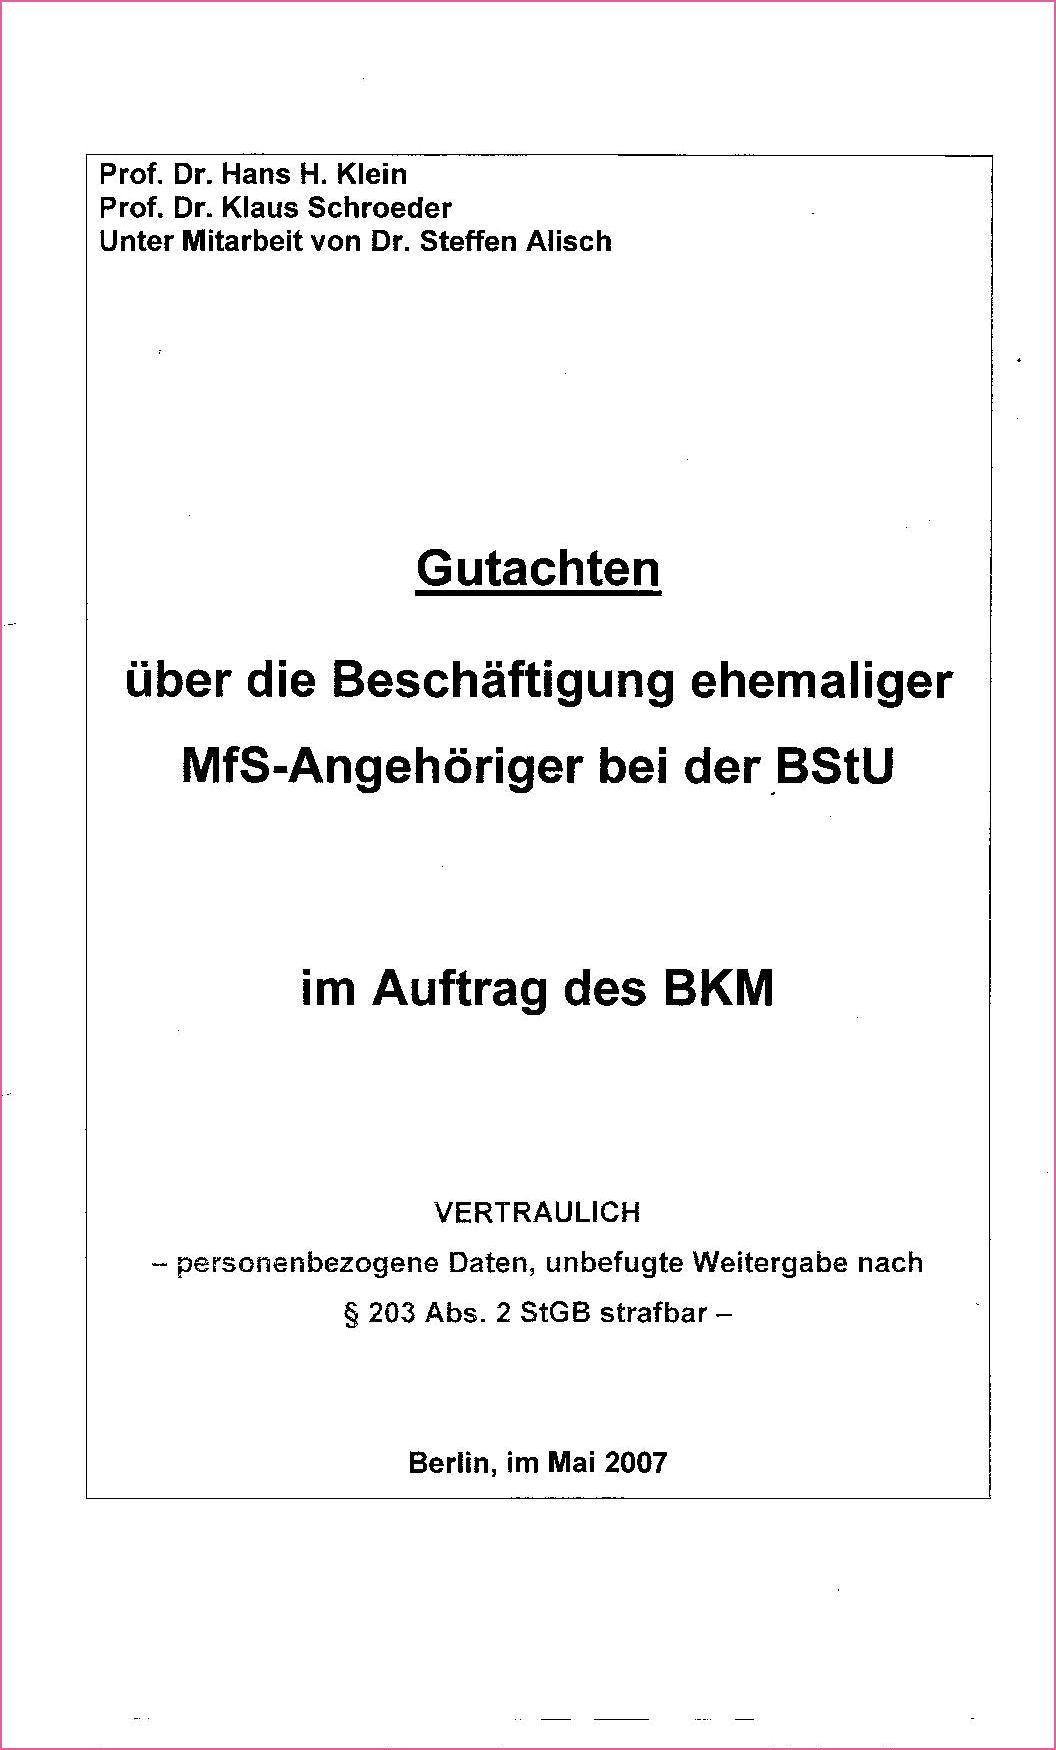 Abendkleider Fur Schwangere Lang Teil In 2020 Muster Gedichte Zur Hochzeit Beste Freundin Text